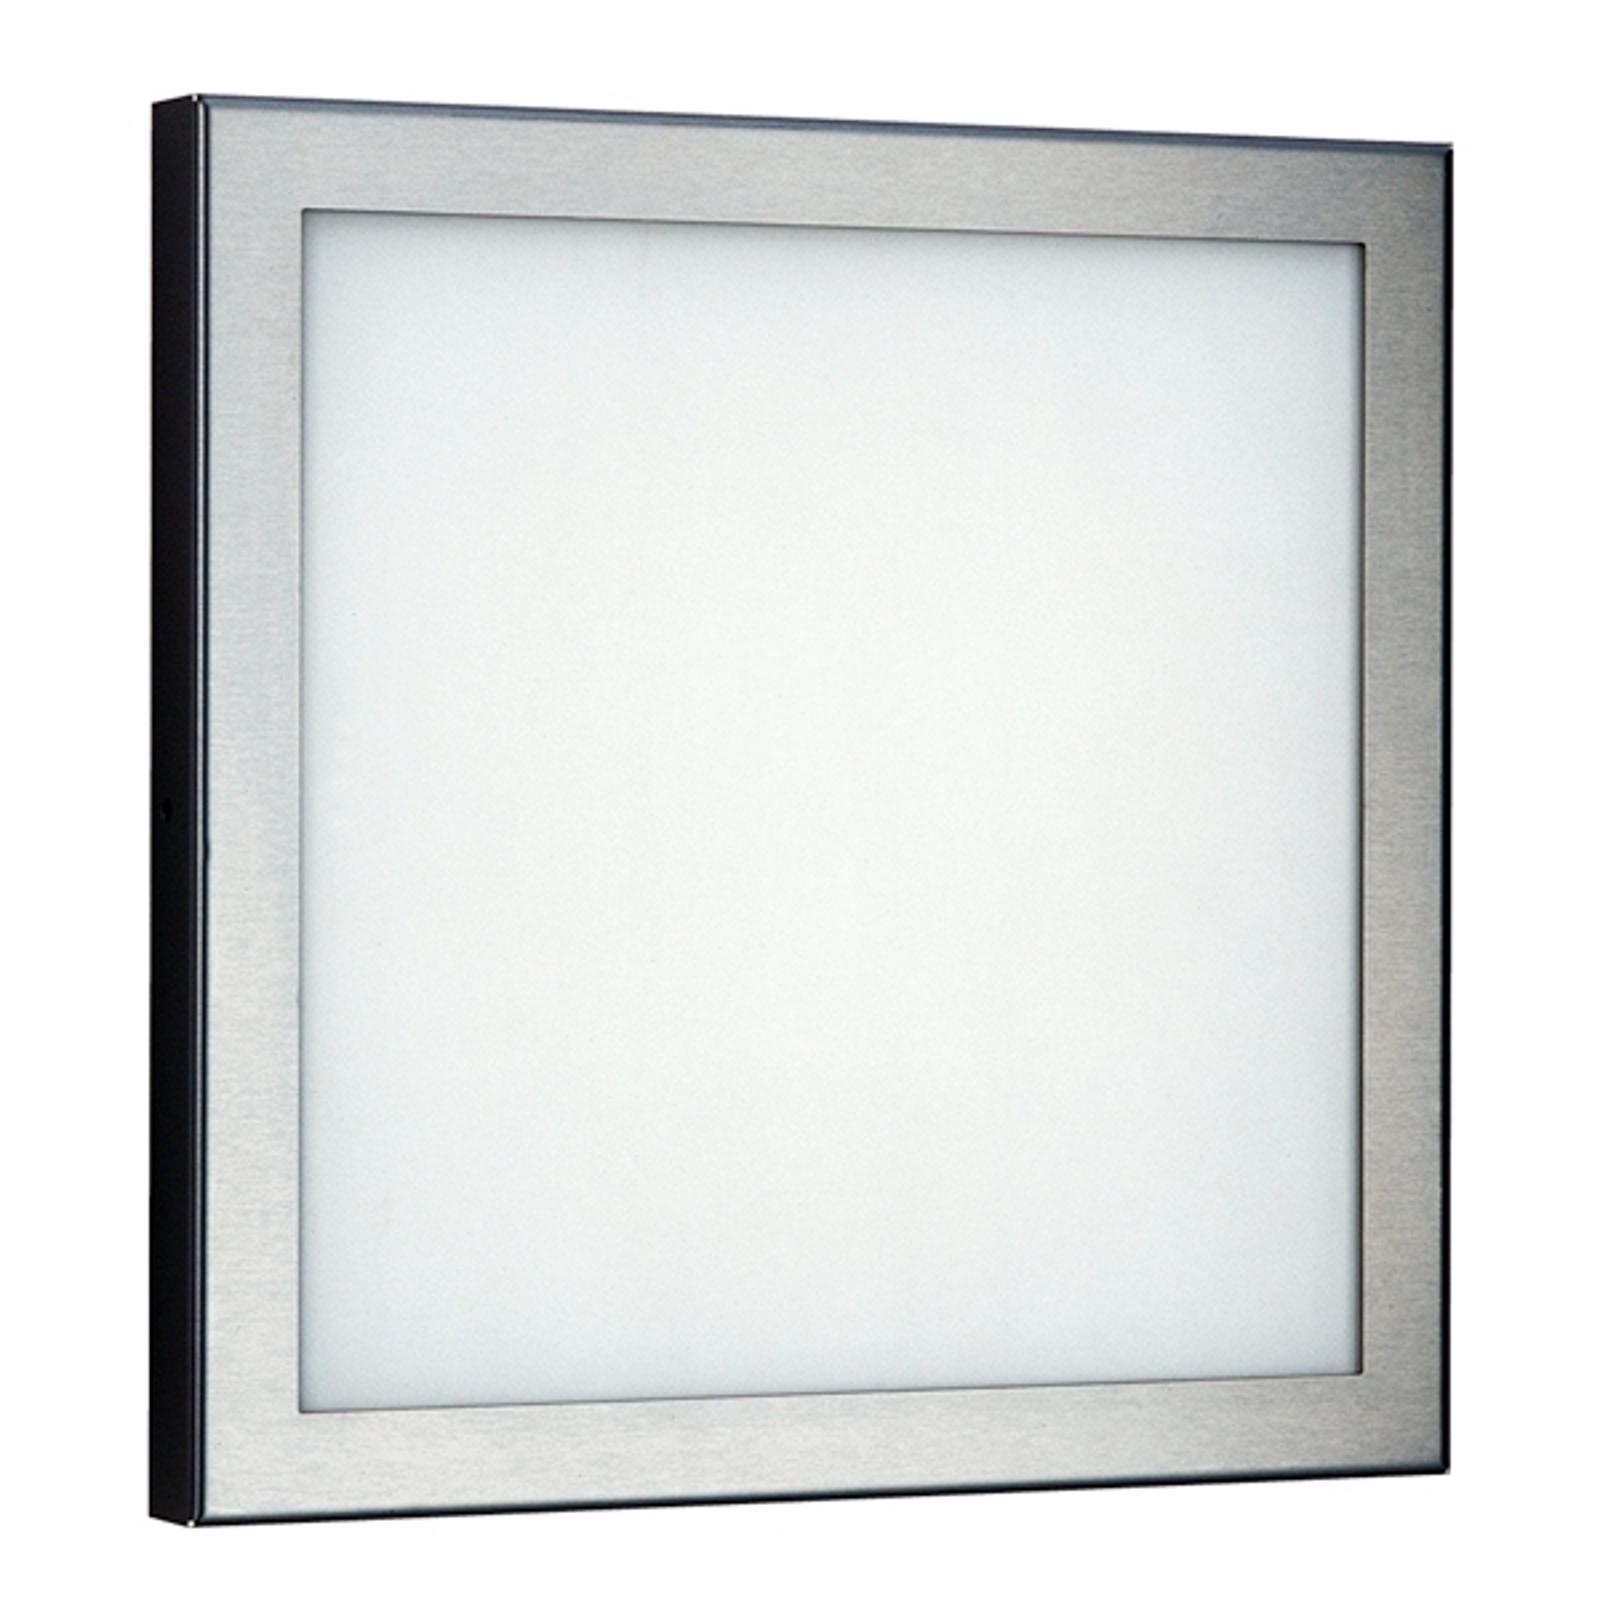 Zewnętrzna lampa sufitowa / ścienna 411 42